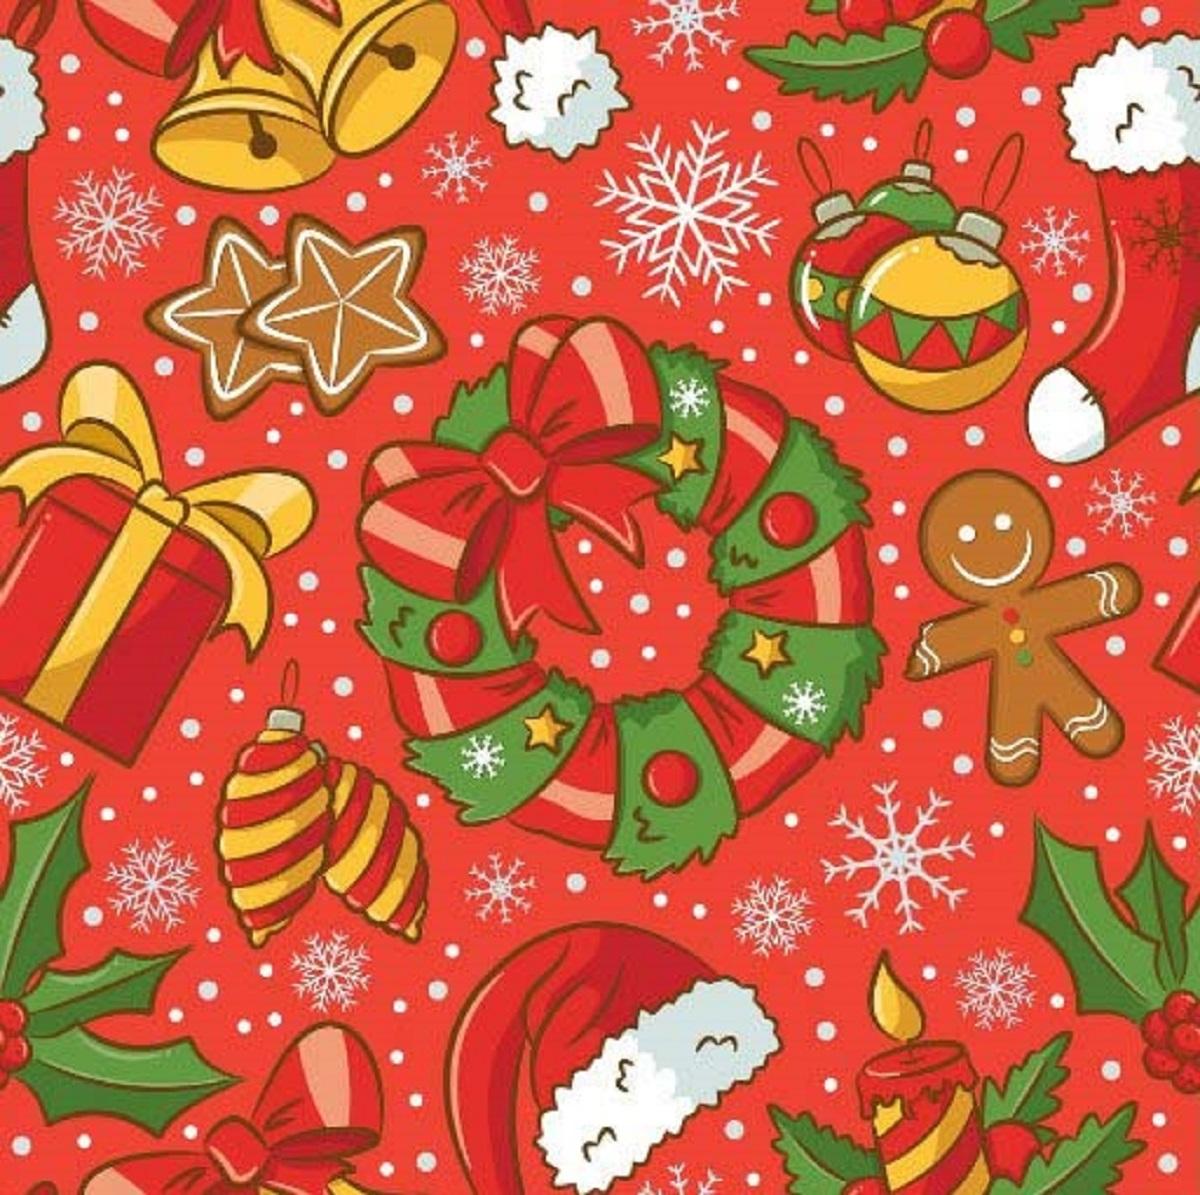 Салфетки бумажные Gratias Рождество, цвет: красный, трехслойные, 33 х 33 см, 20 шт92216Трехслойные бумажные салфетки Gratias Рождество,выполненные из натуральной целлюлозы, станутотличным дополнением любого праздничного стола. Ониотличаются необычной мягкостью и прочностью.Размер листа: 33 х 33 см.Количество слоев: 3.